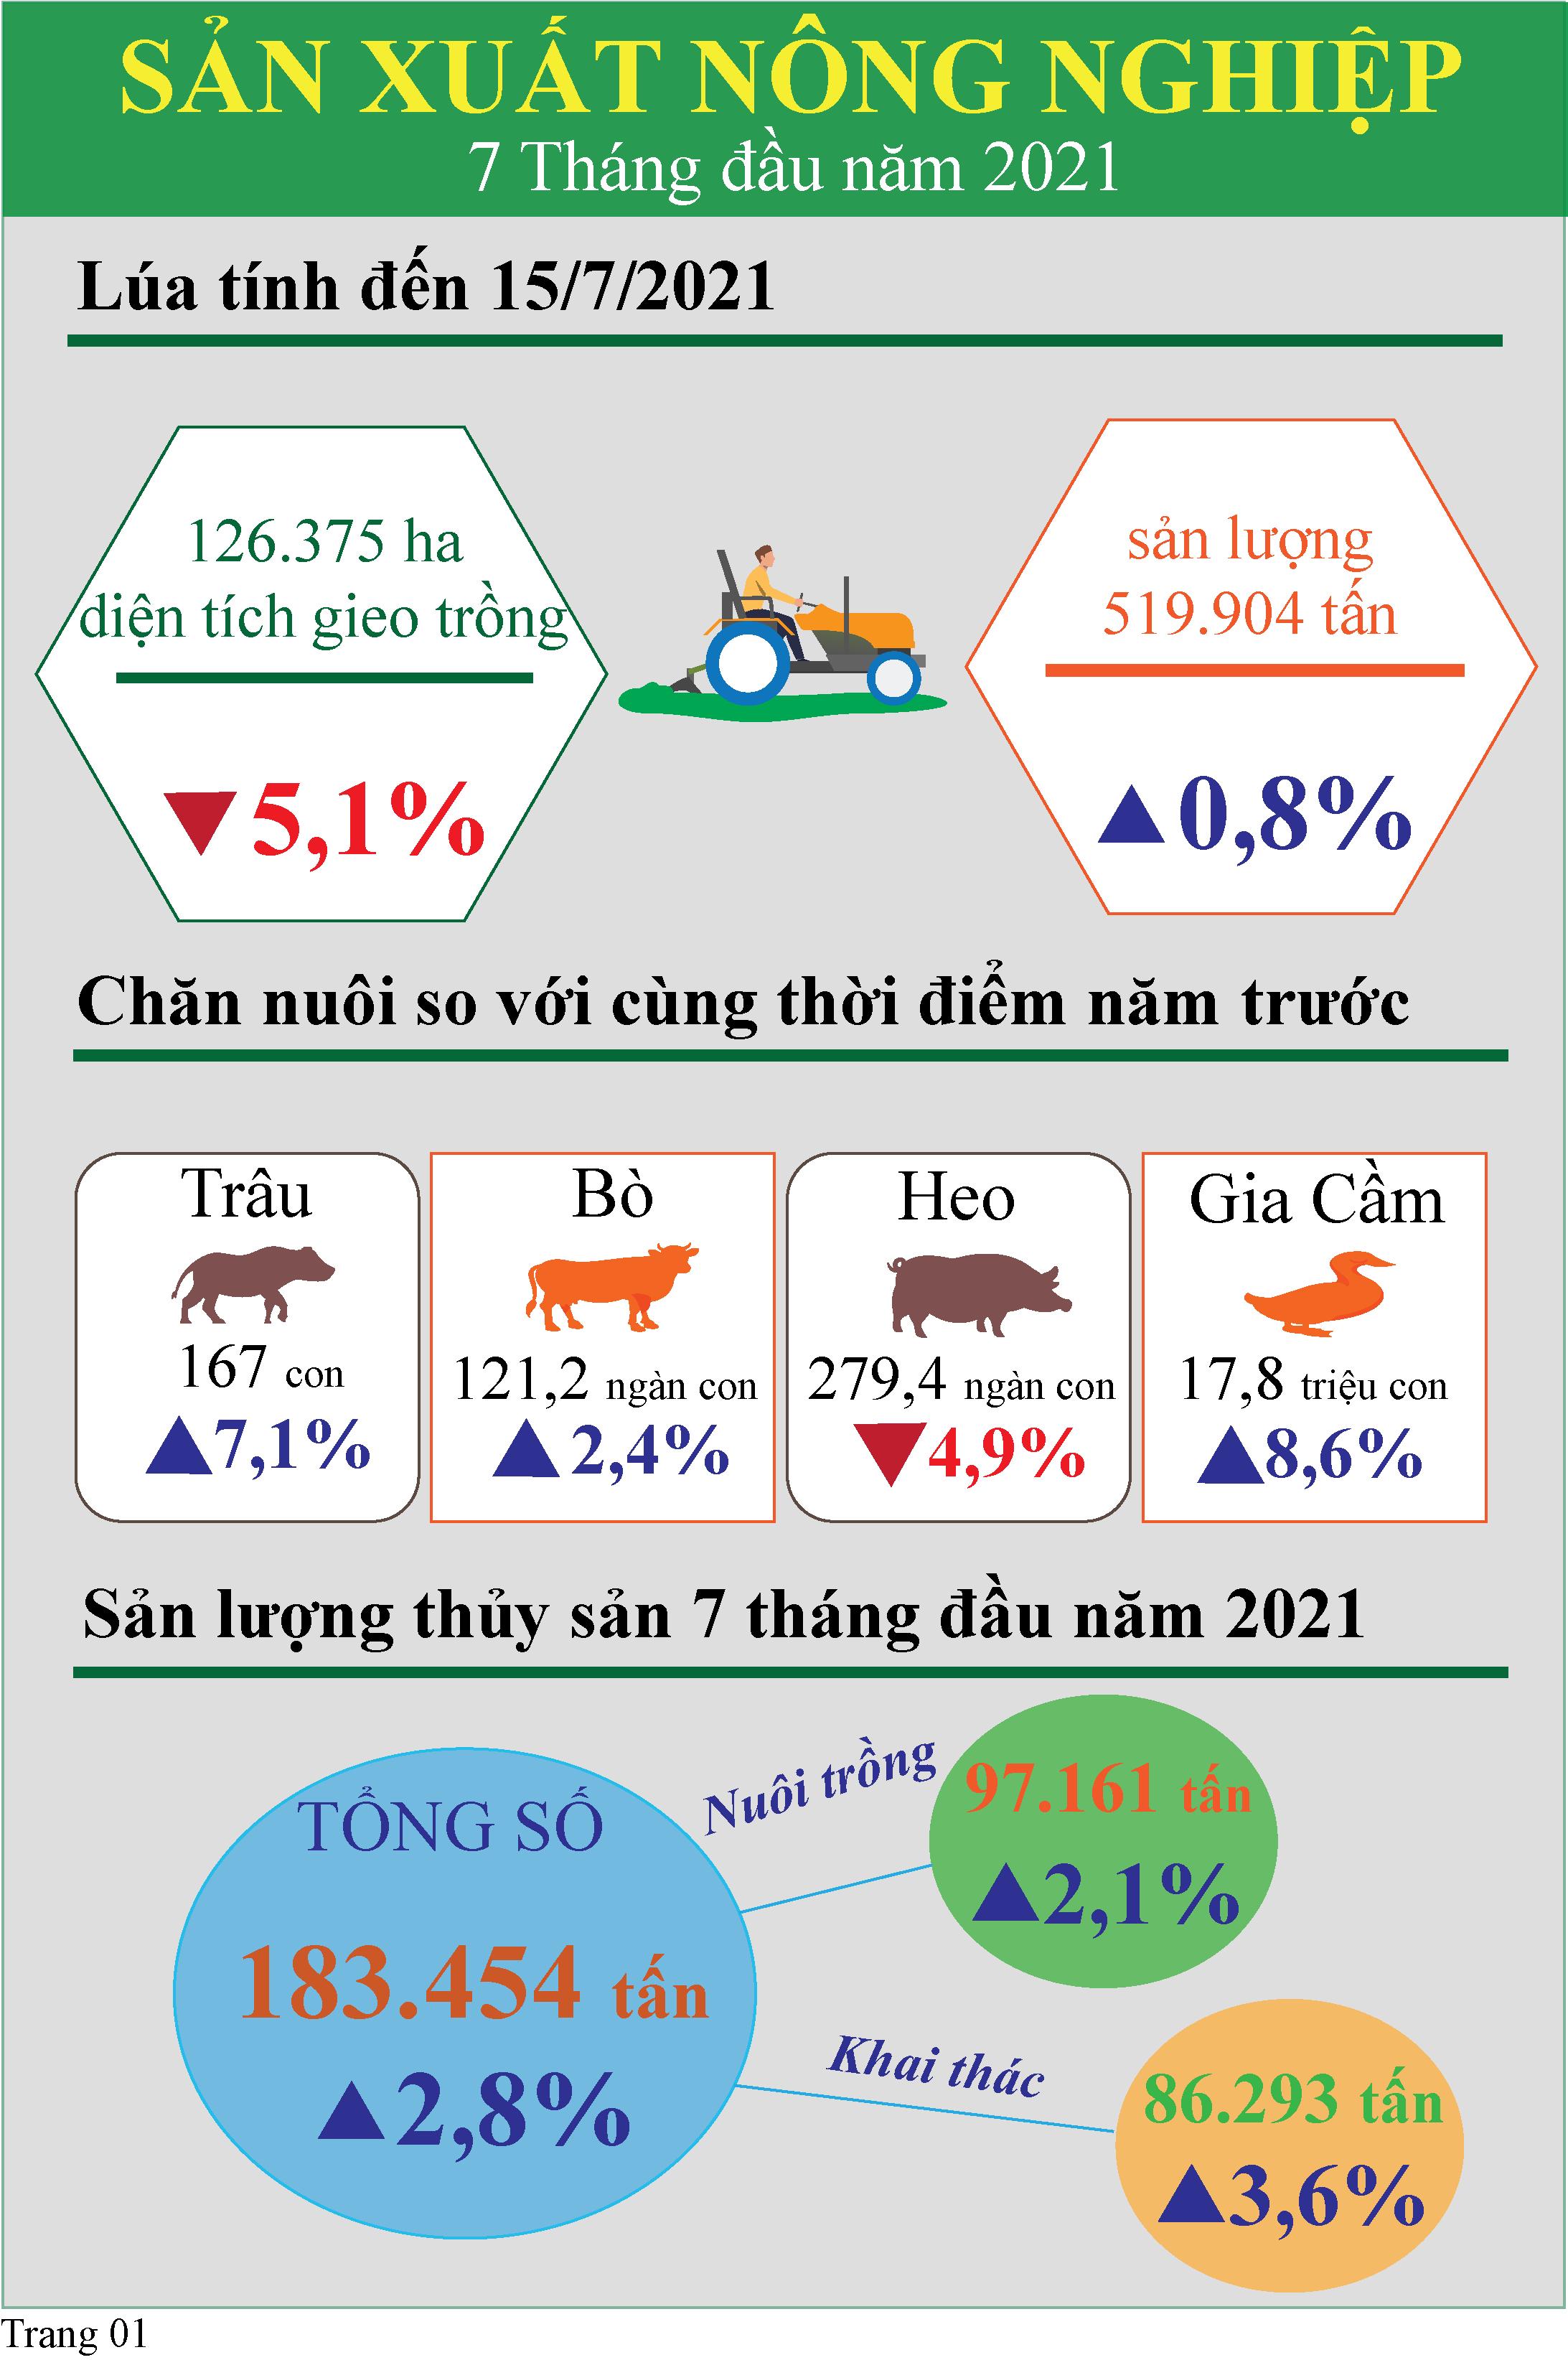 Infographic Tóm tắt tình hình kinh tế - xã hội tỉnh Tiền Giang 7 tháng đầu năm 2021